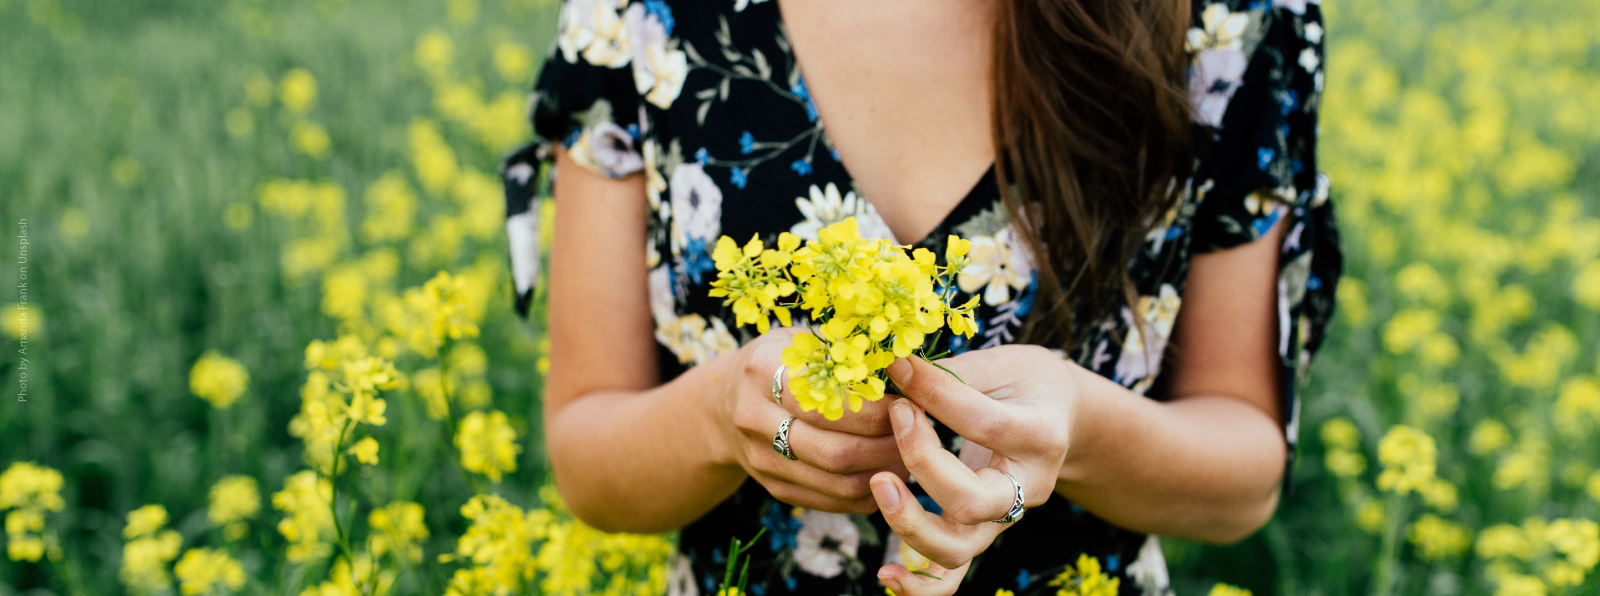 Pelle grassa: beauty routine di primavera